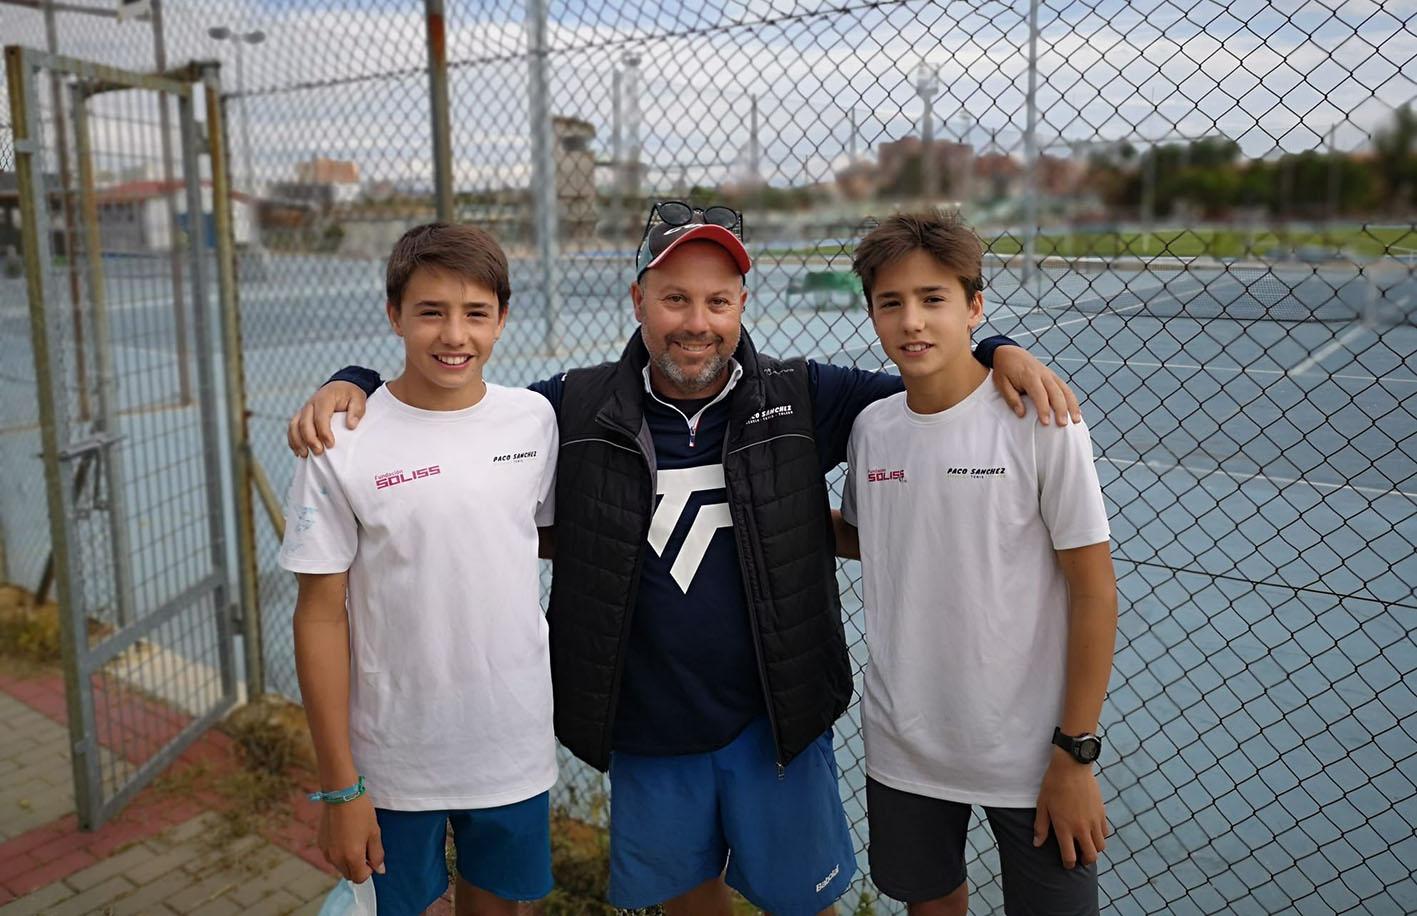 Los hermanos Carrascosa, junto a Paco, su entrenador.